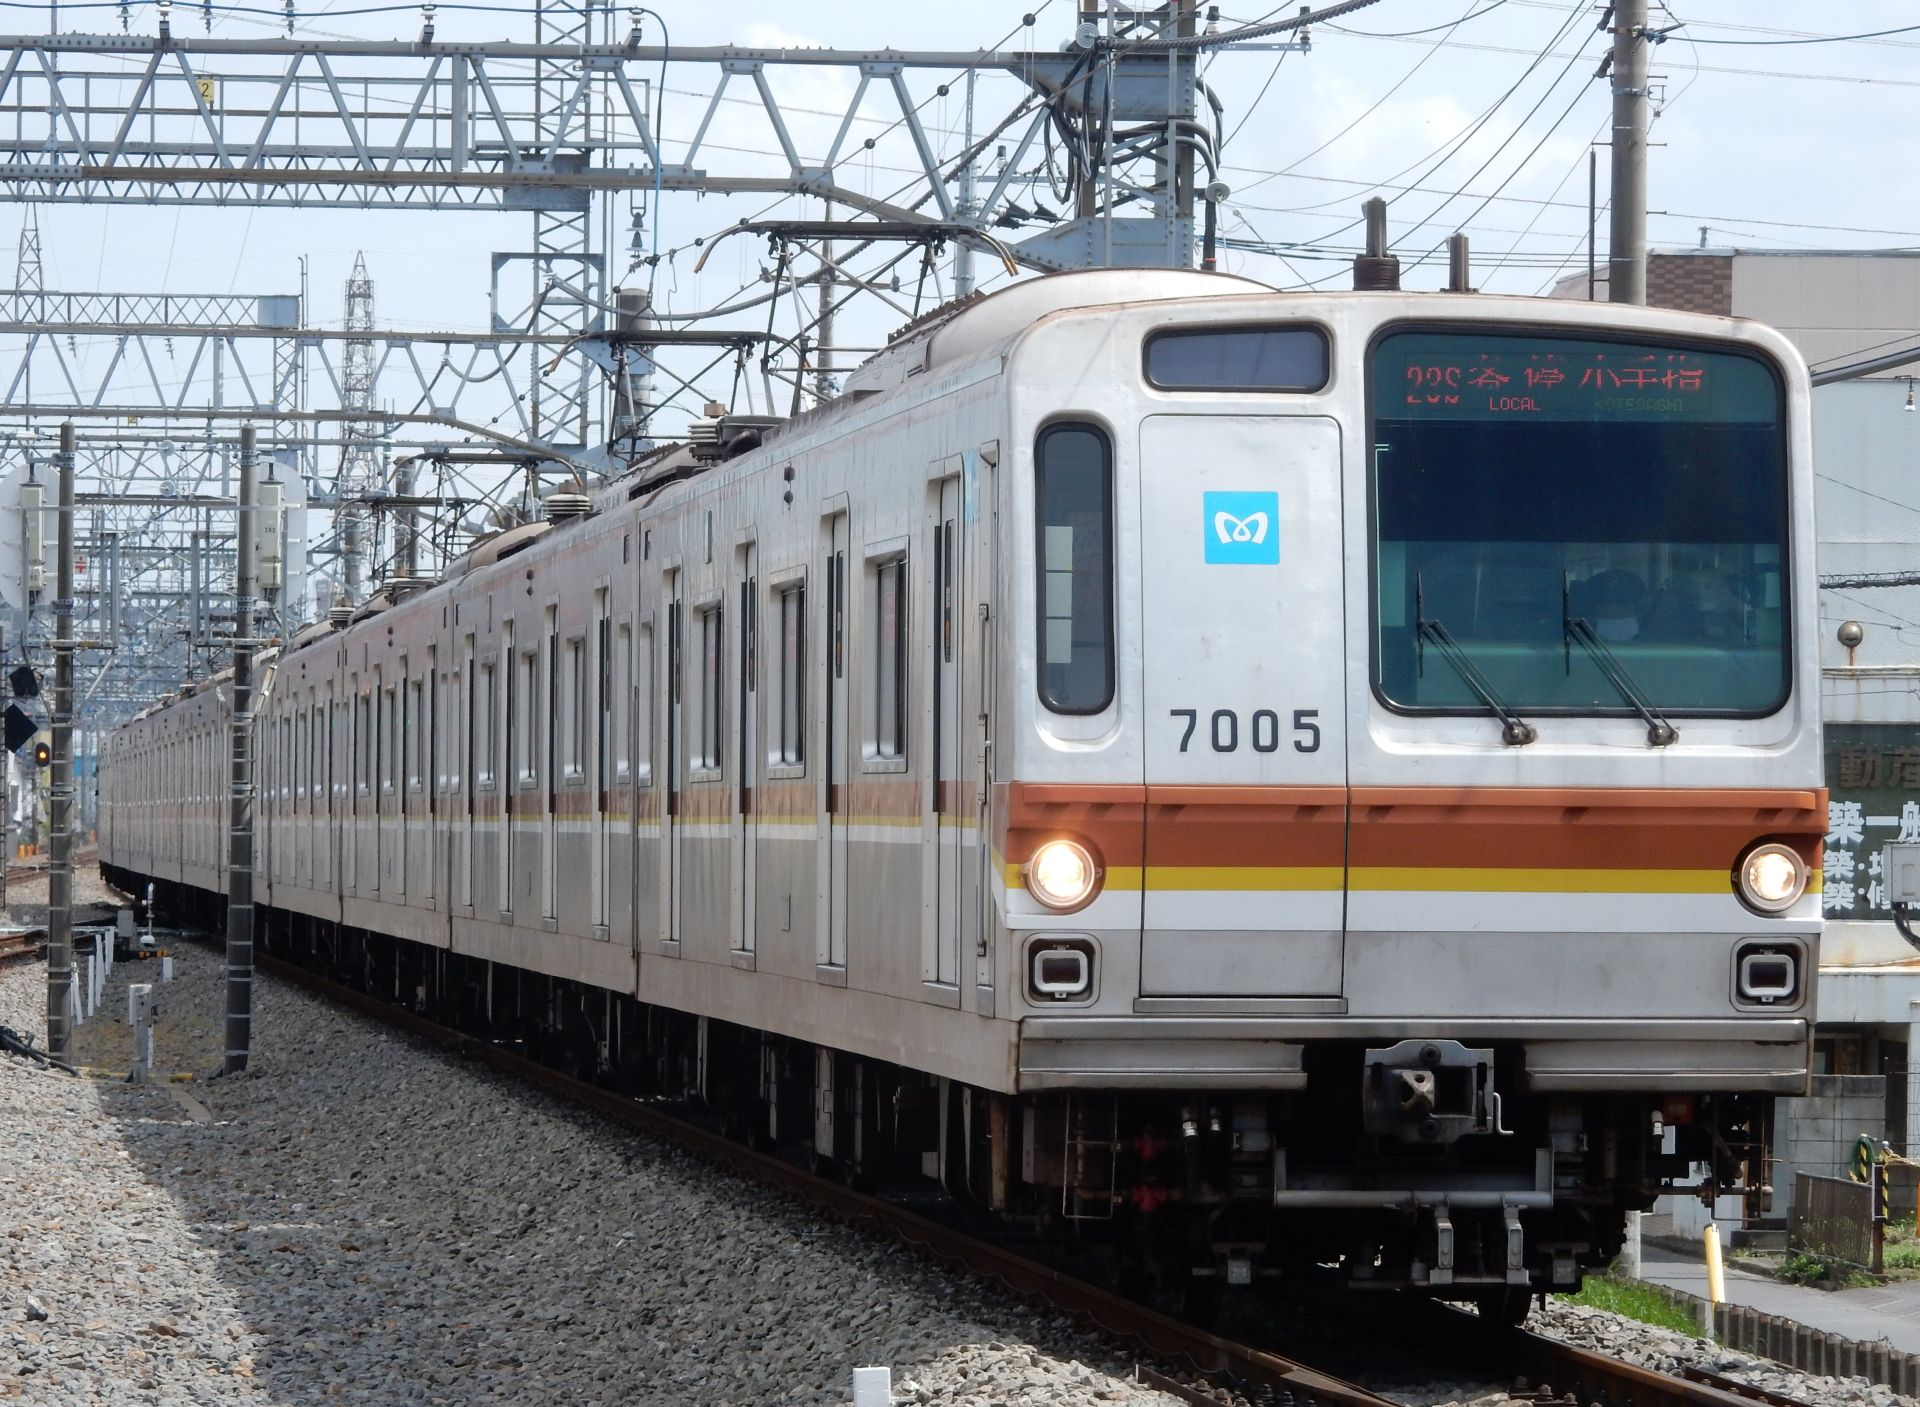 DSCN7005 - コピー